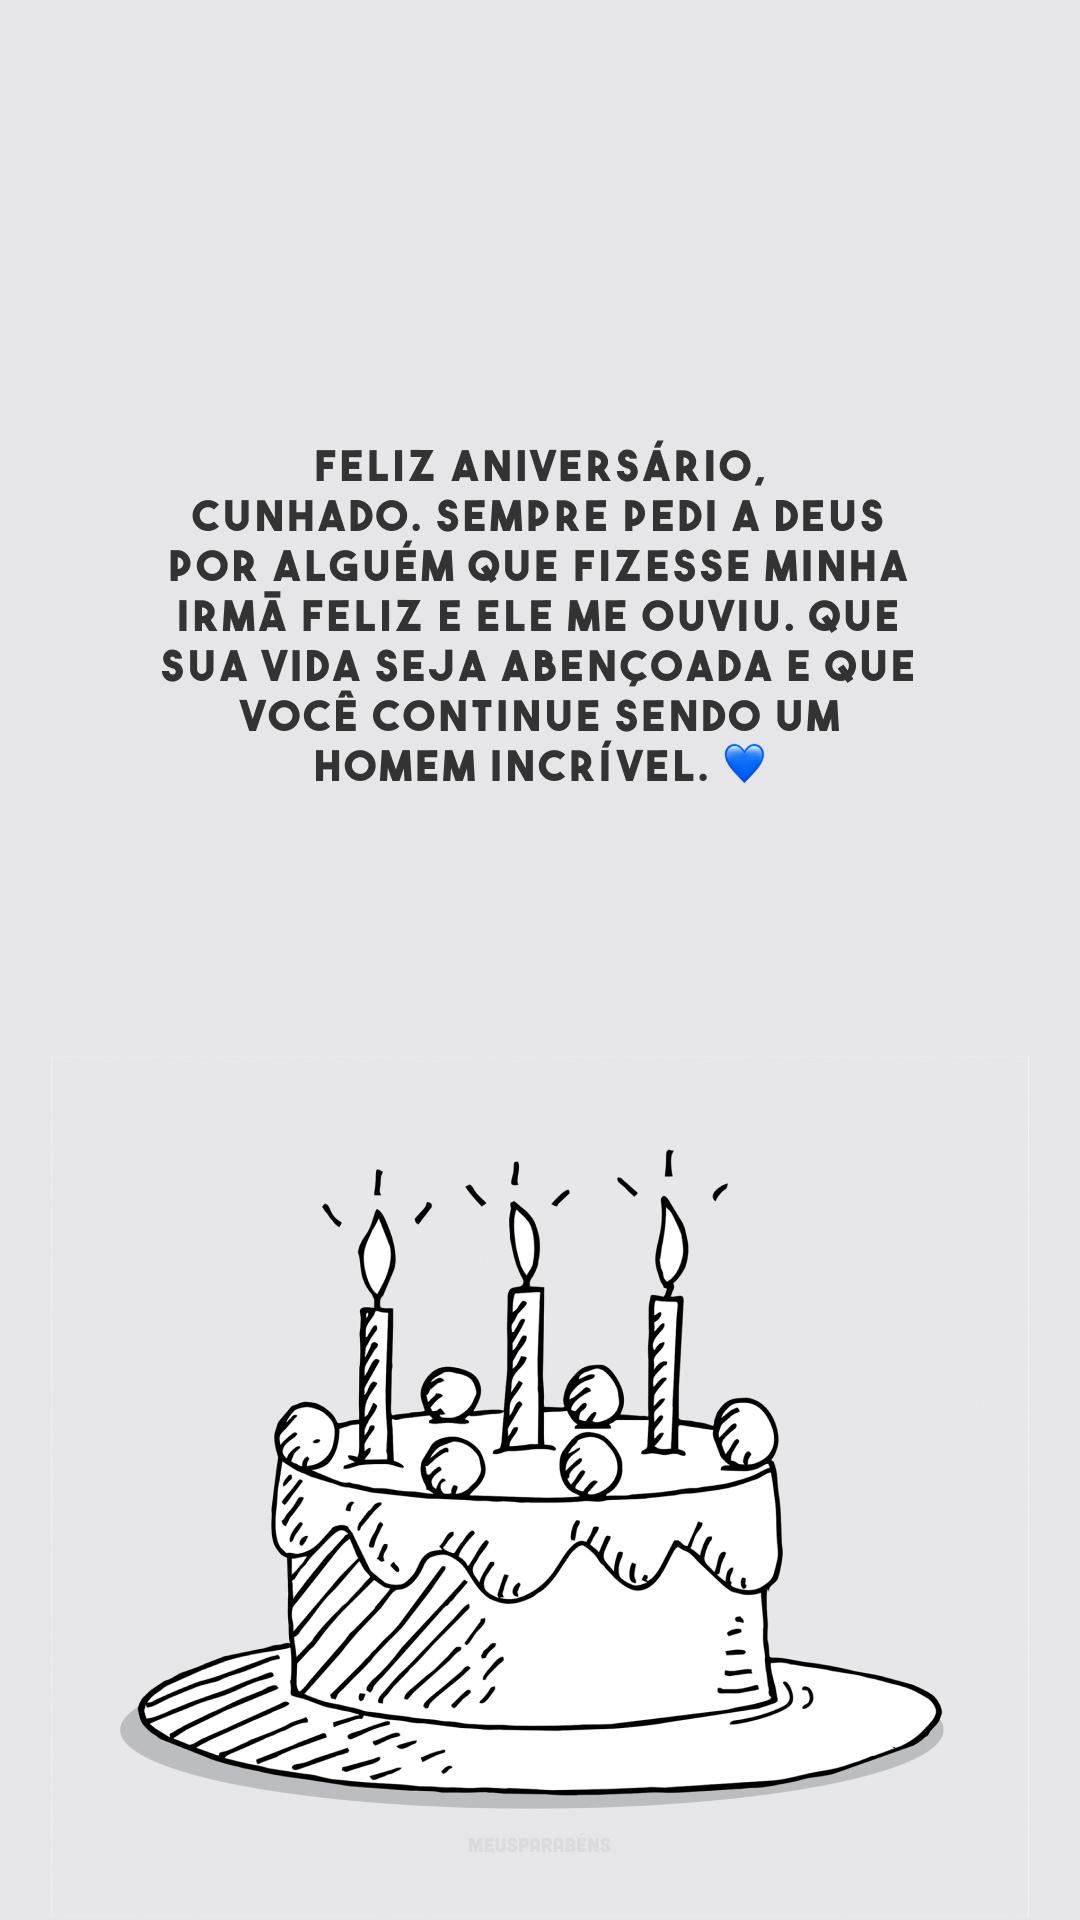 Feliz aniversário, cunhado. Sempre pedi a Deus por alguém que fizesse minha irmã feliz e Ele me ouviu. Que sua vida seja abençoada e que você continue sendo um homem incrível. 💙